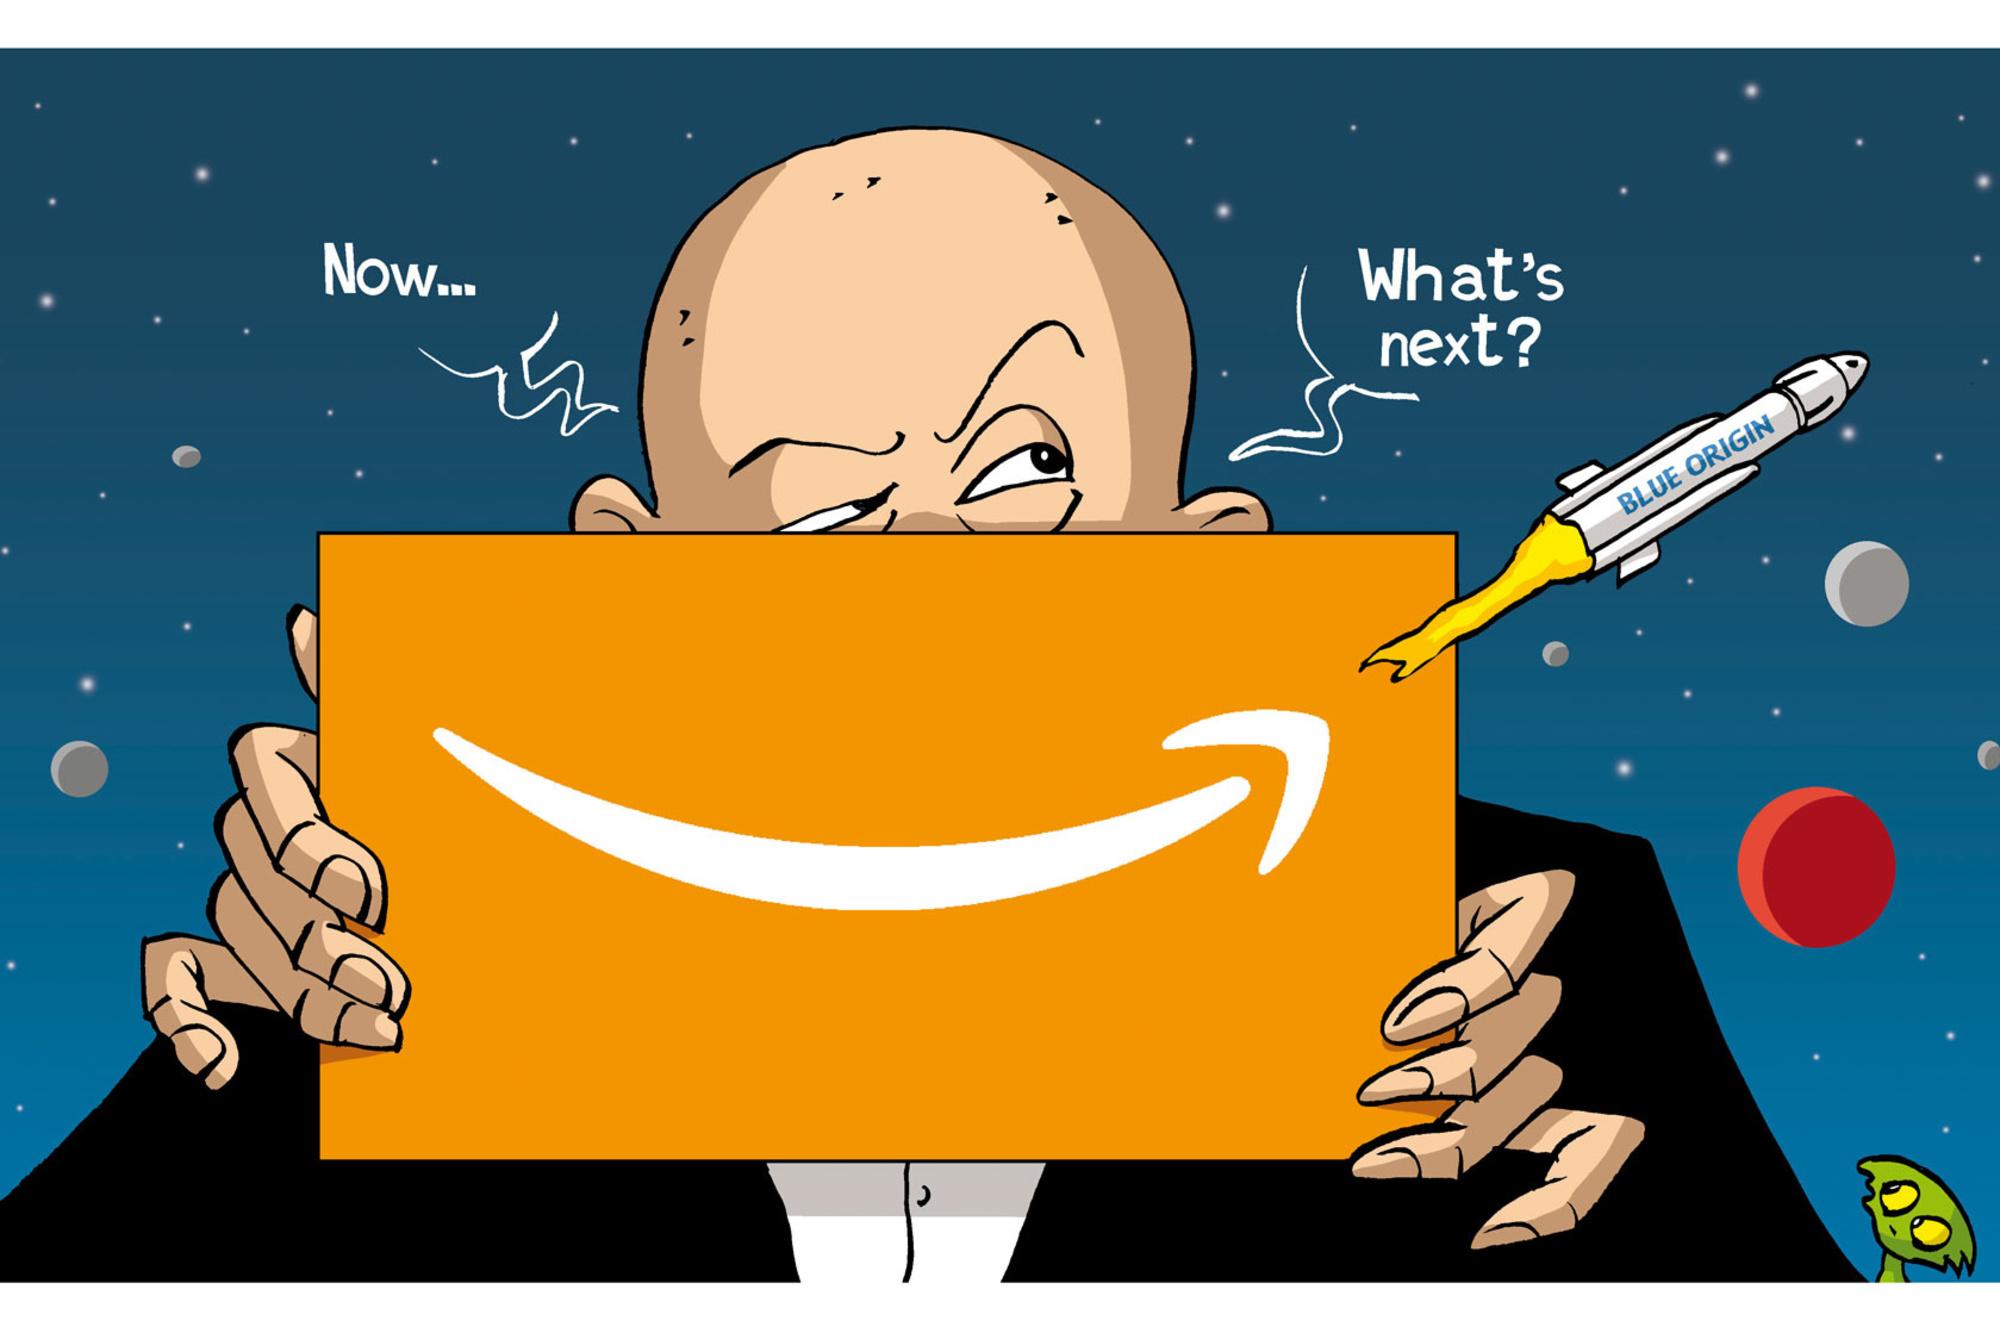 Jeff Bezos quitte la direction d'Amazon et s'apprête à s'envoler dans l'espace., Vadot